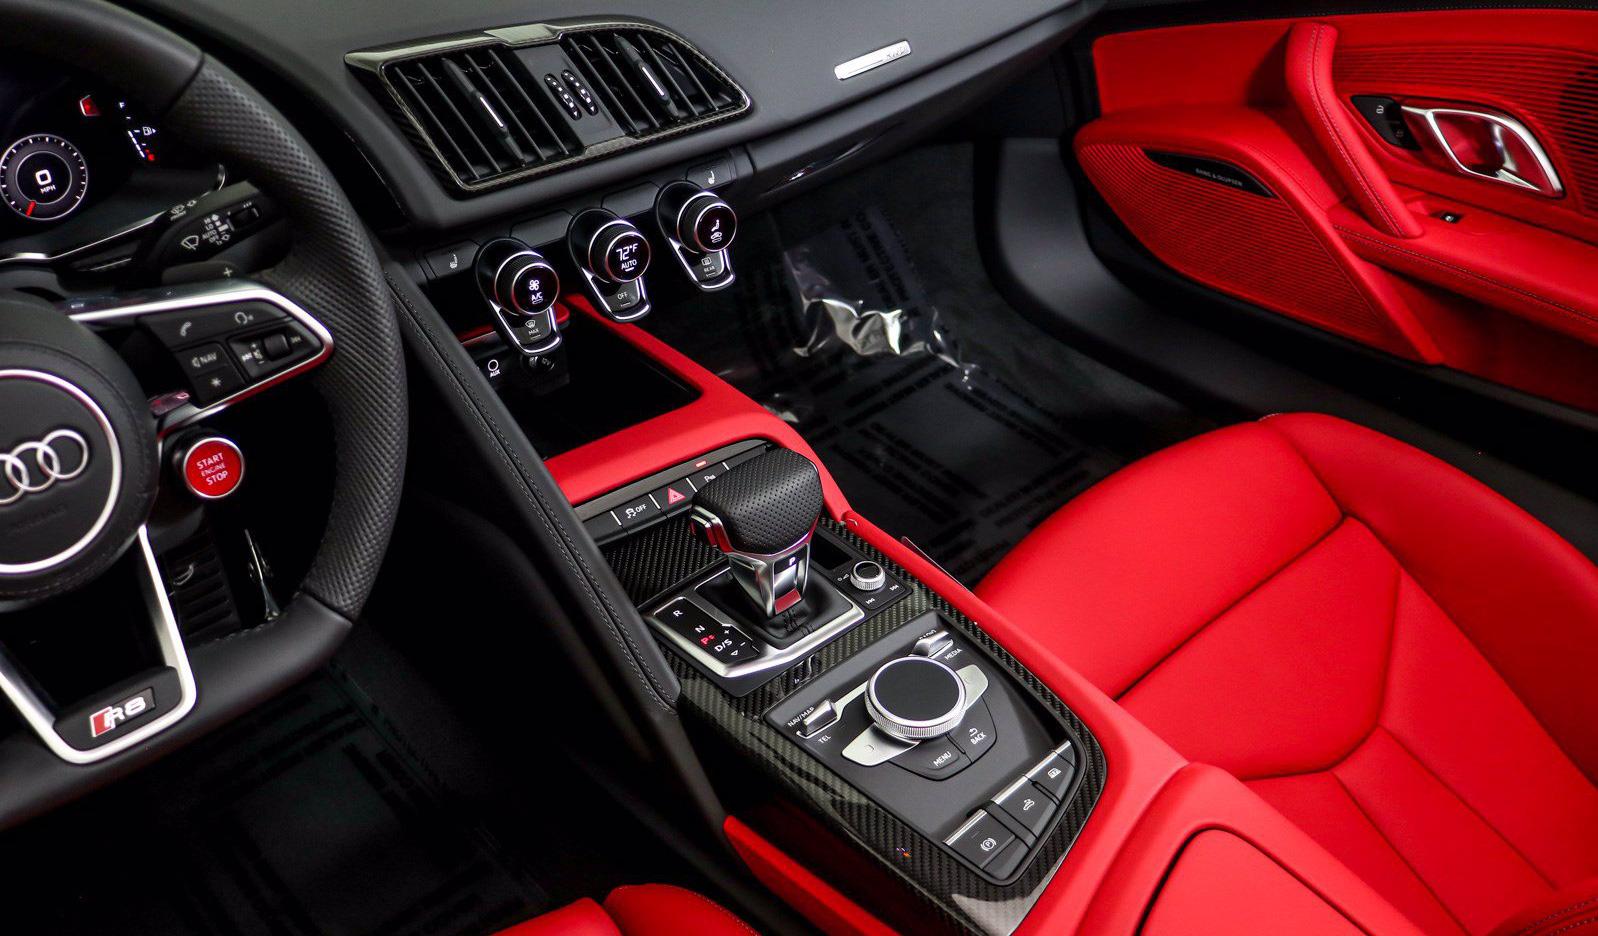 Audi R8 Spyder 2021 chào hàng đại gia Việt Nam kèm mức giá 'rẻ bất ngờ' 6